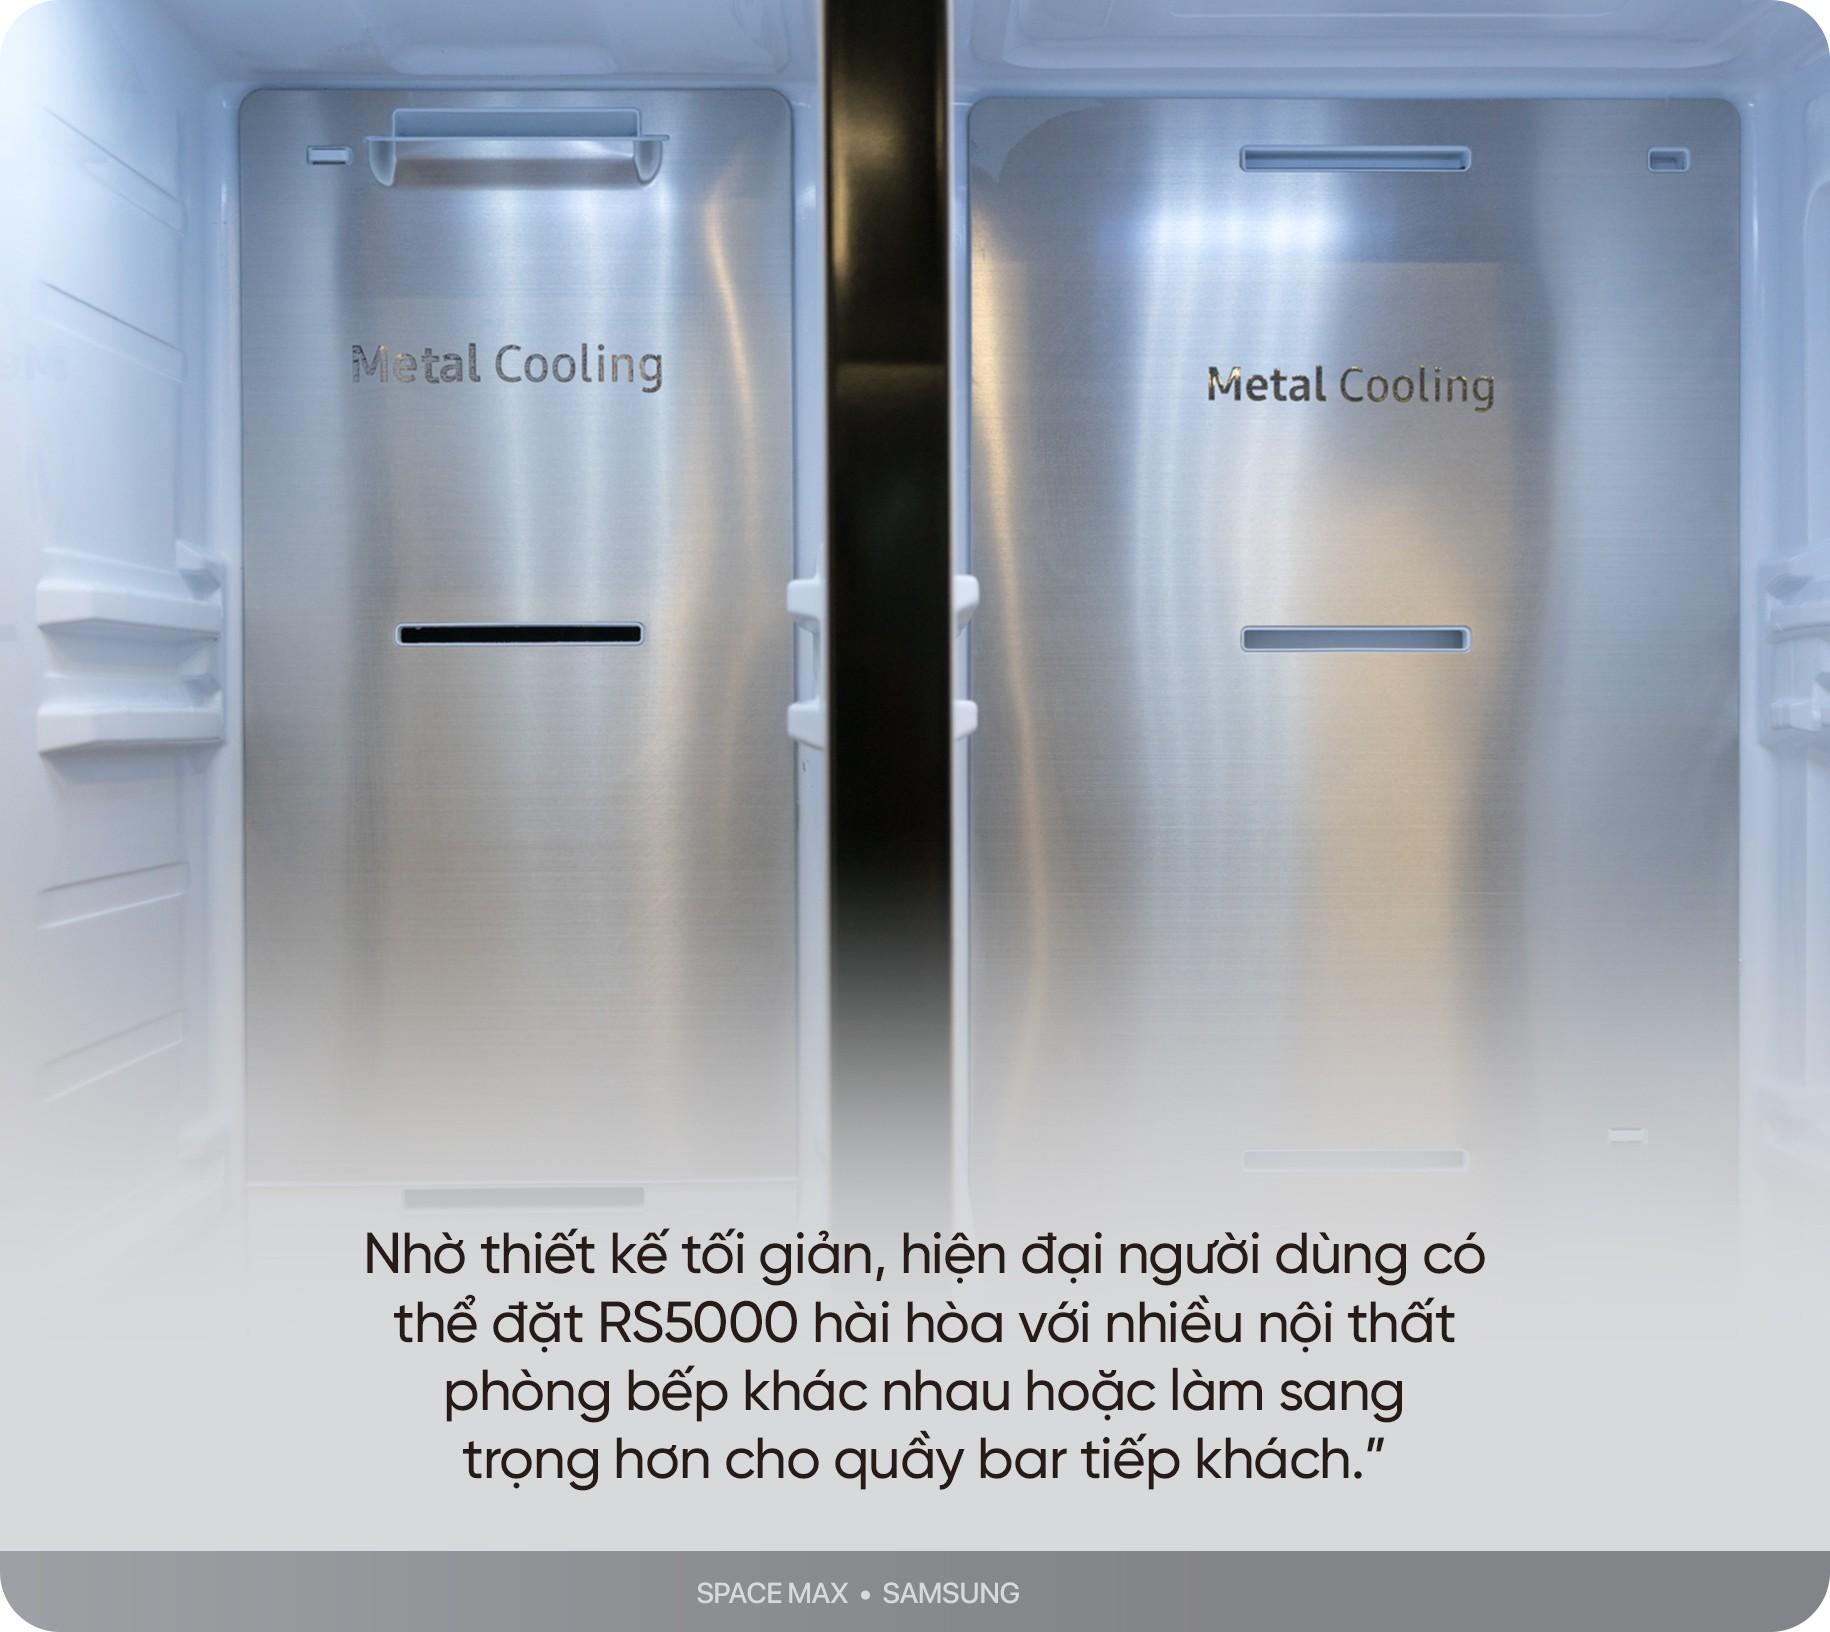 Chiếc tủ lạnh mới của Samsung đã giải quyết trọn vẹn nhu cầu của người dùng như thế nào - Ảnh 12.